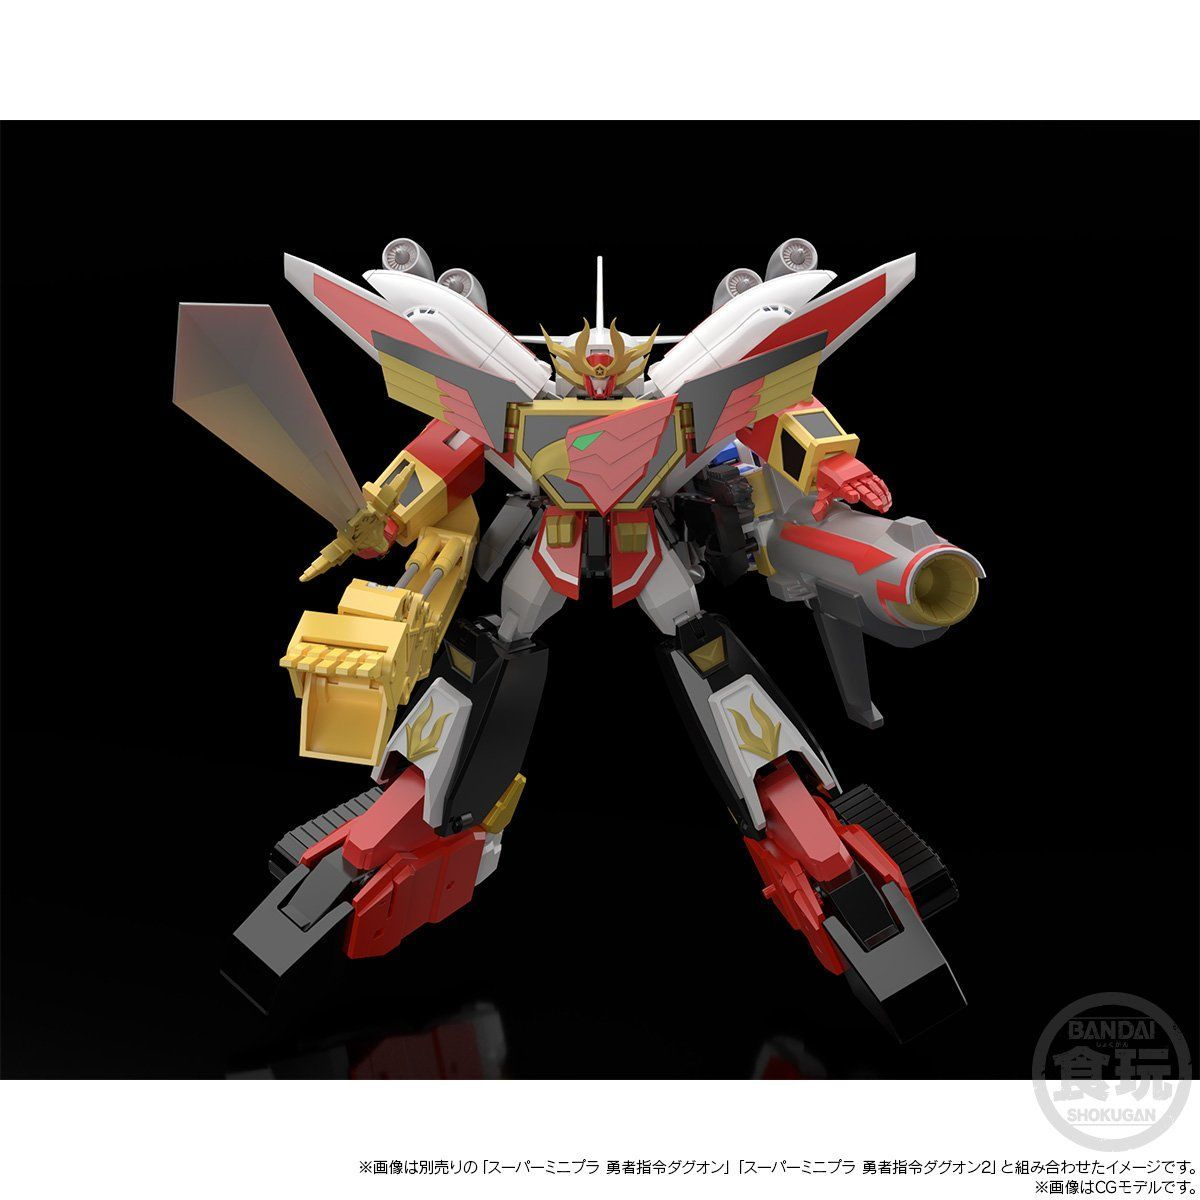 【食玩】スーパーミニプラ『勇者指令ダグオン2』勇者指令ダグオン 3個入りBOX-020